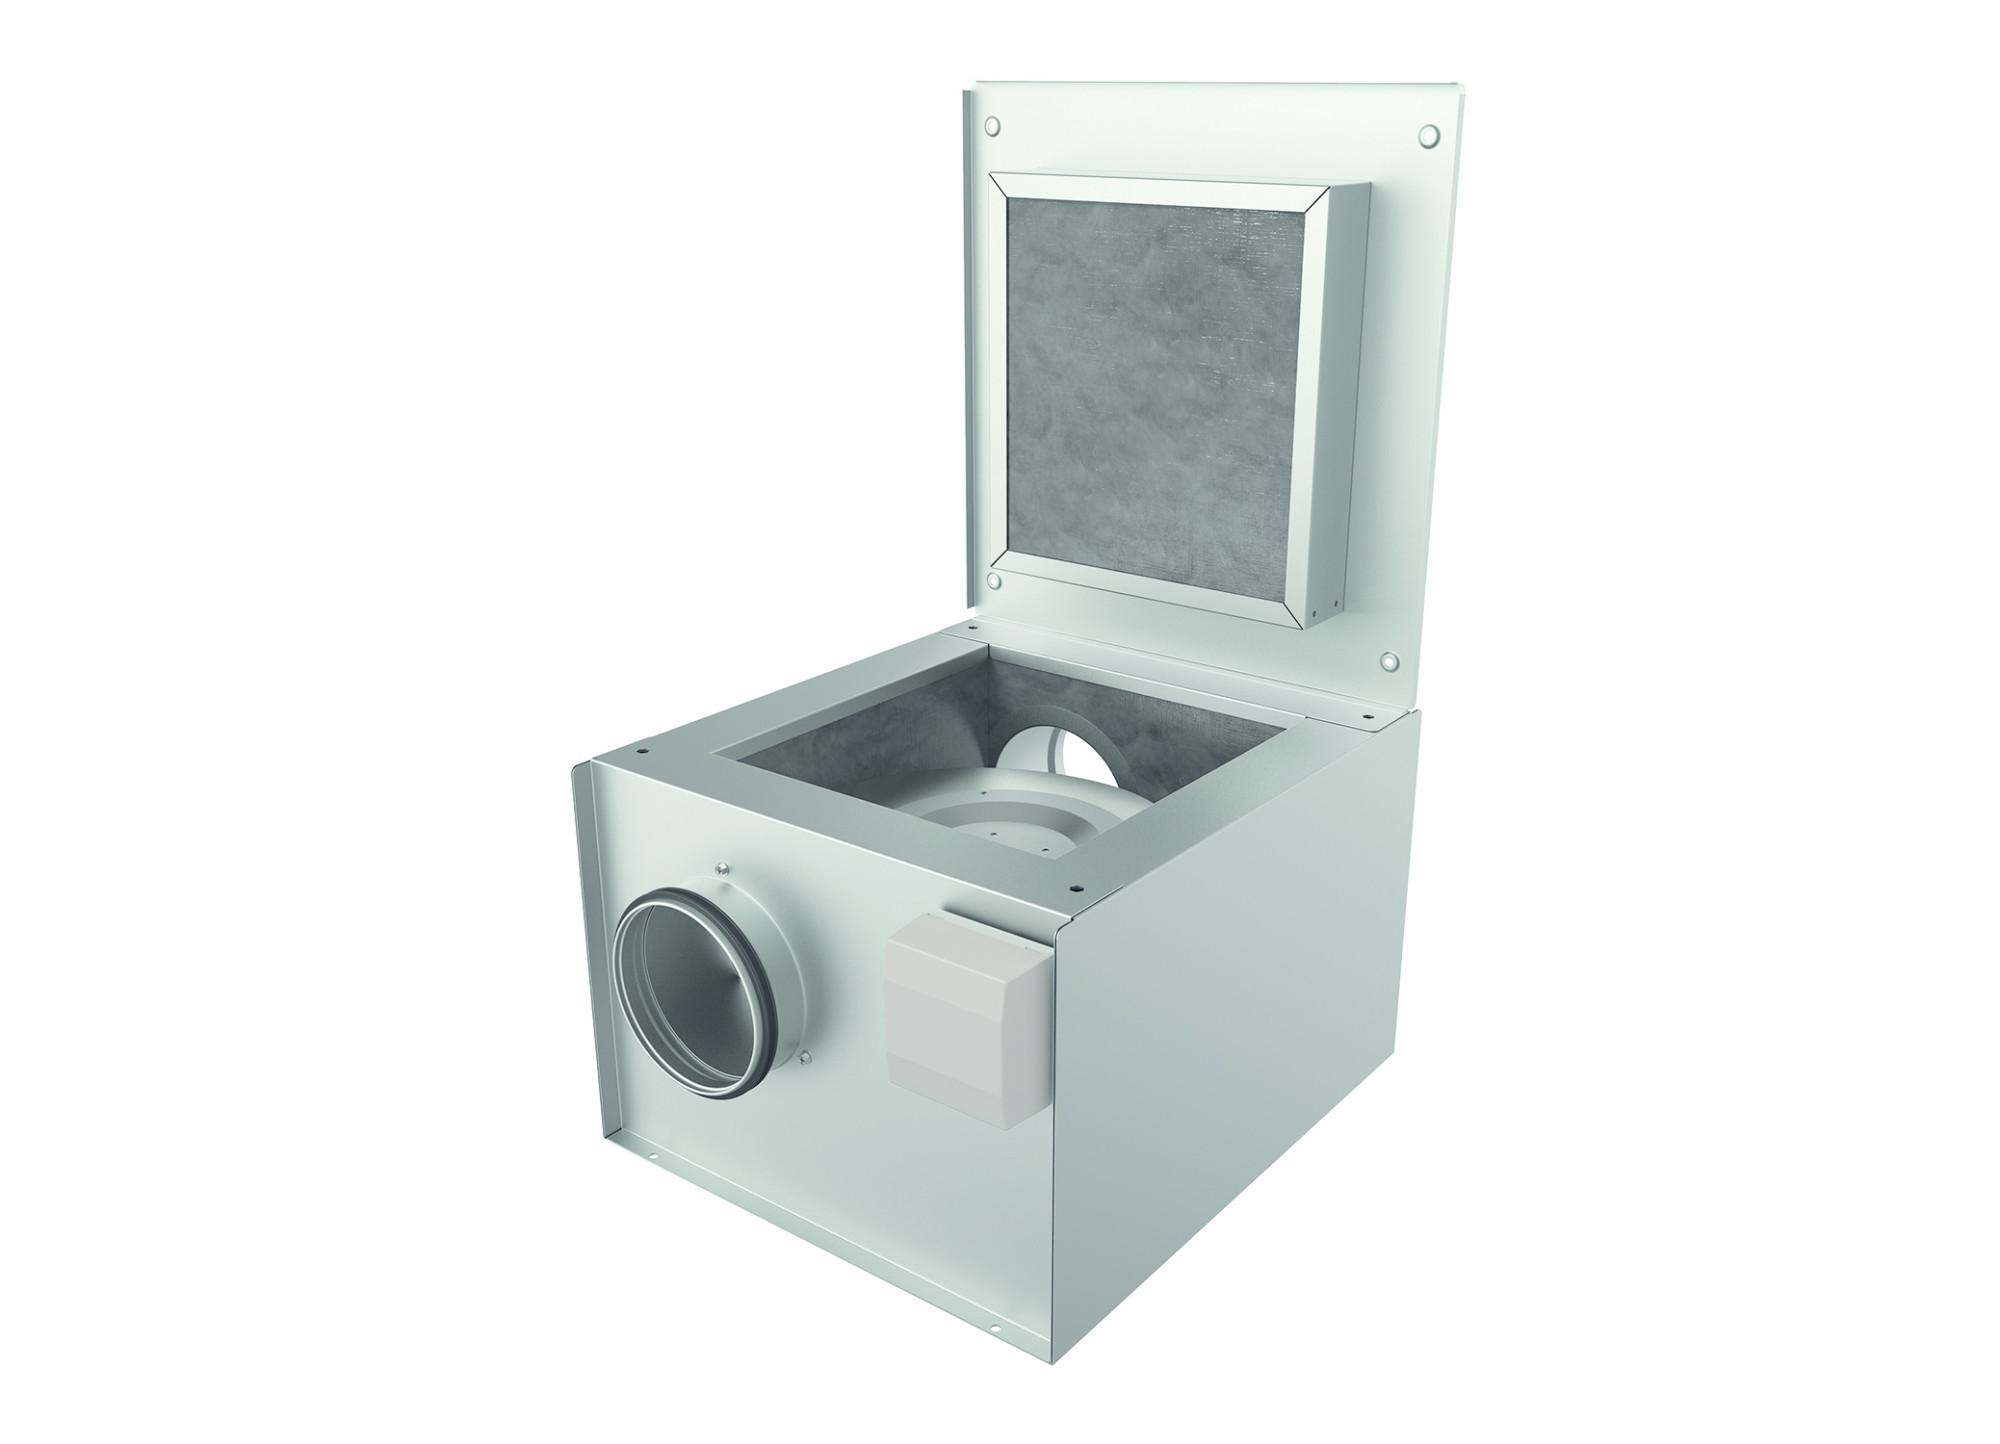 box-ventilatoren